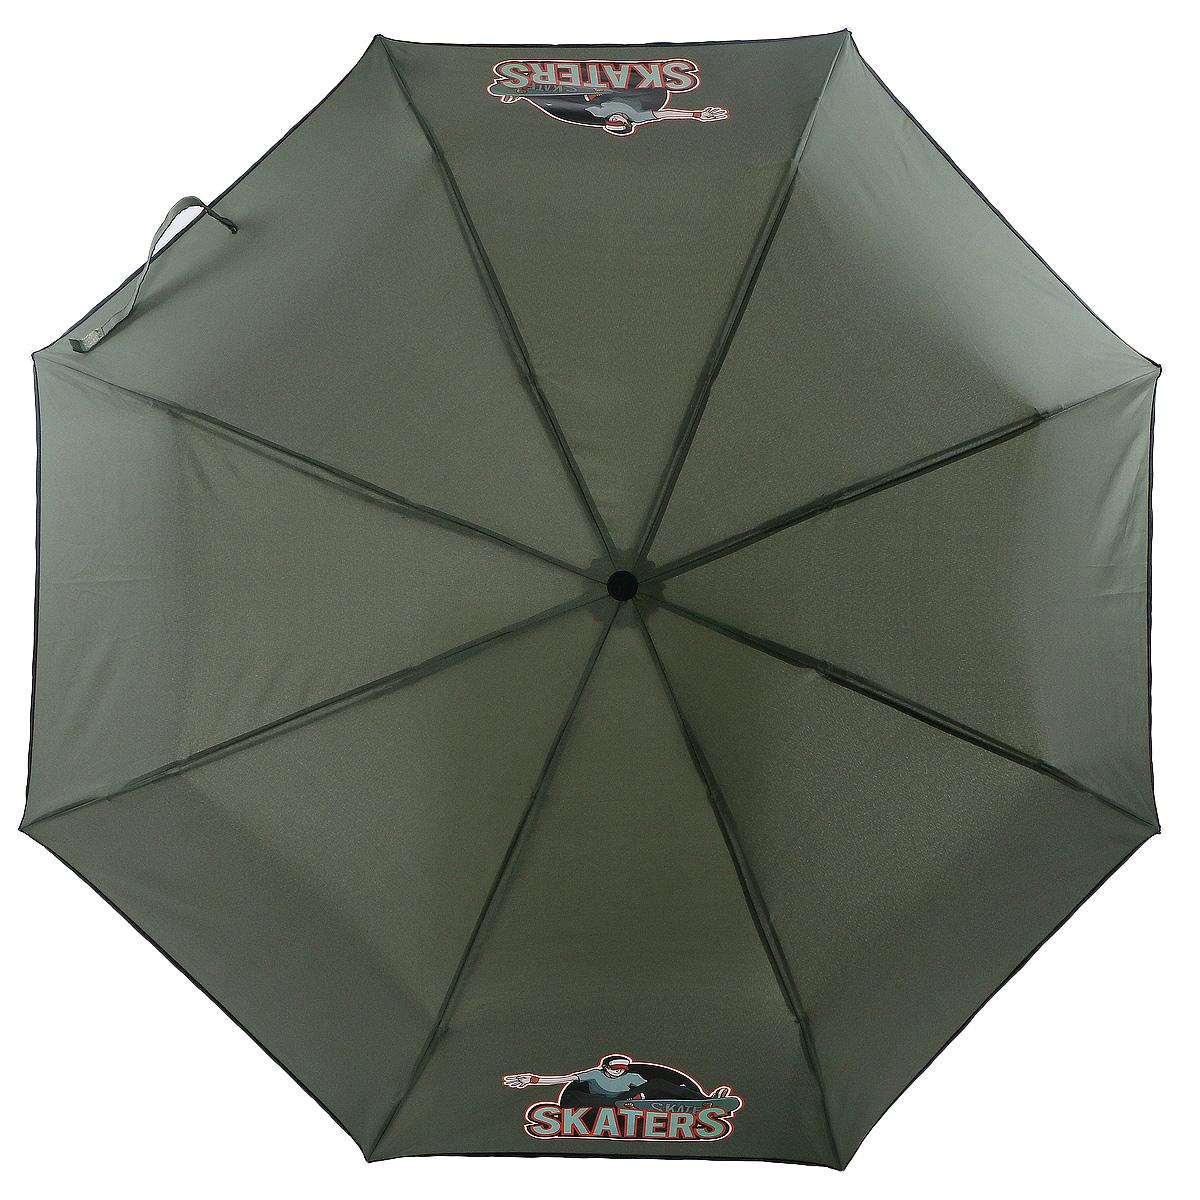 Зонт ArtRain, механический, 3 сложения, цвет: серый. 3517-1737 цена и фото